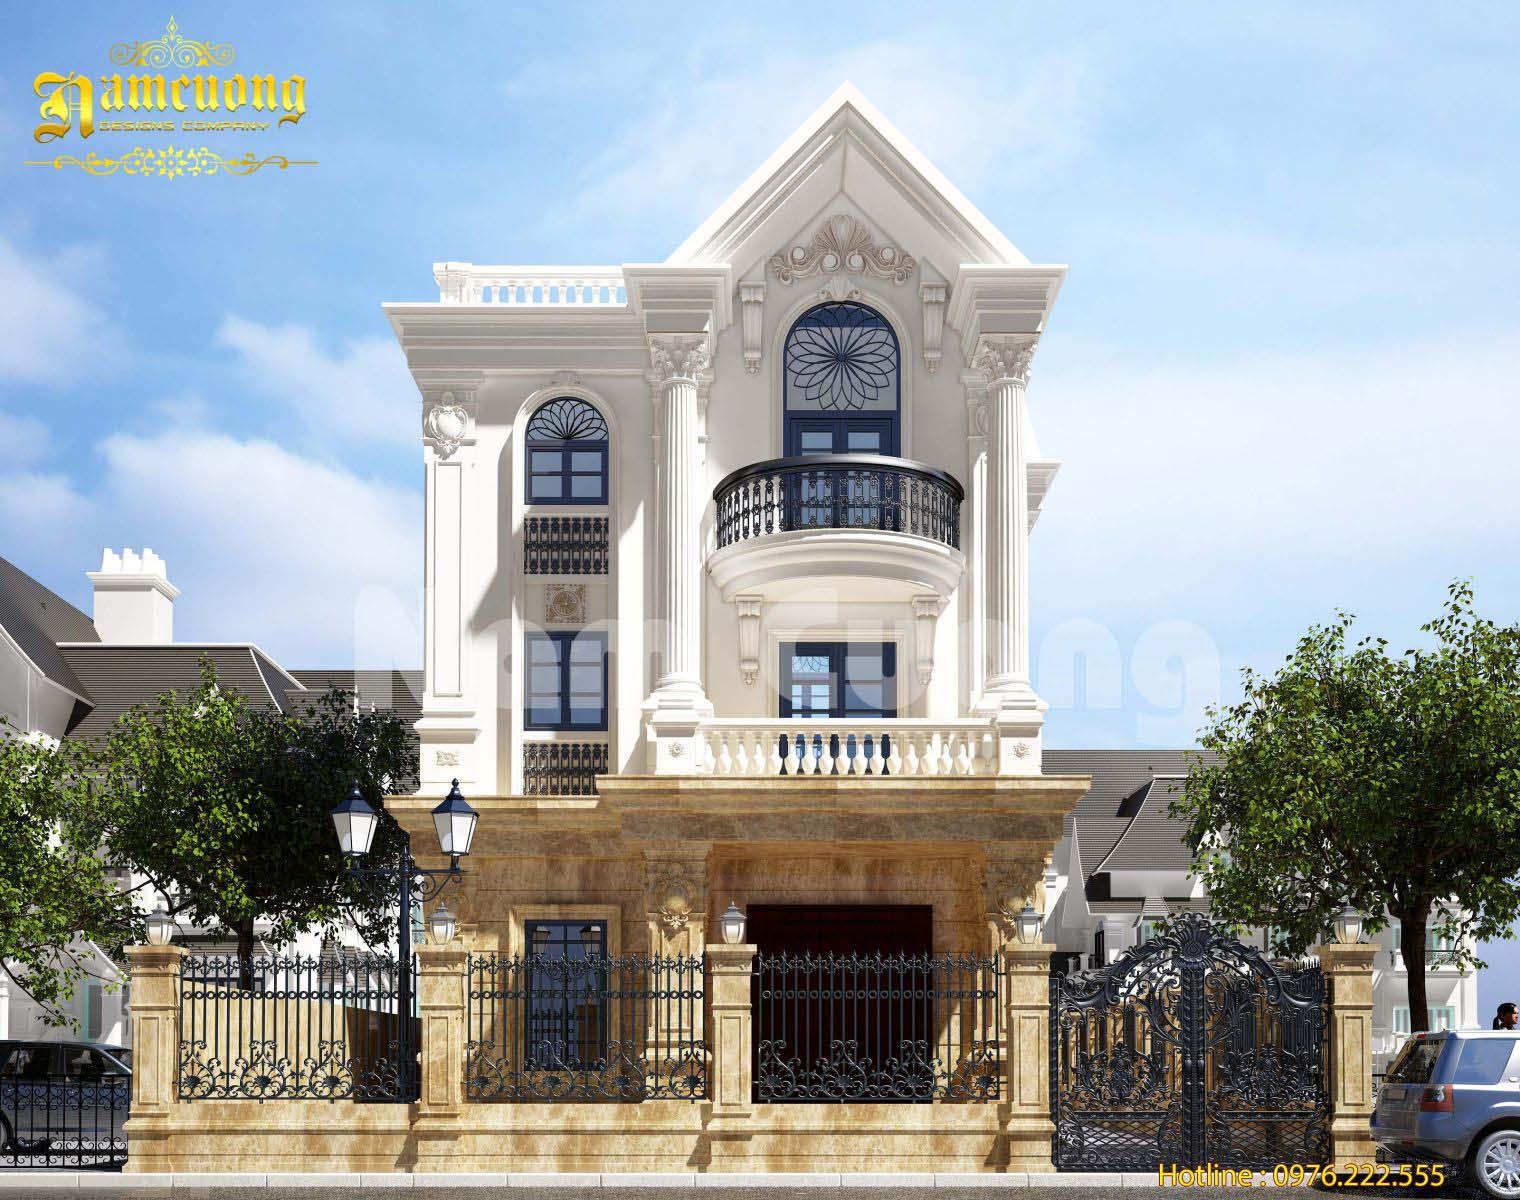 Hoàn thành mẫu thiết kế cao cấp của biệt thự tân cổ điển tại Vinhomes